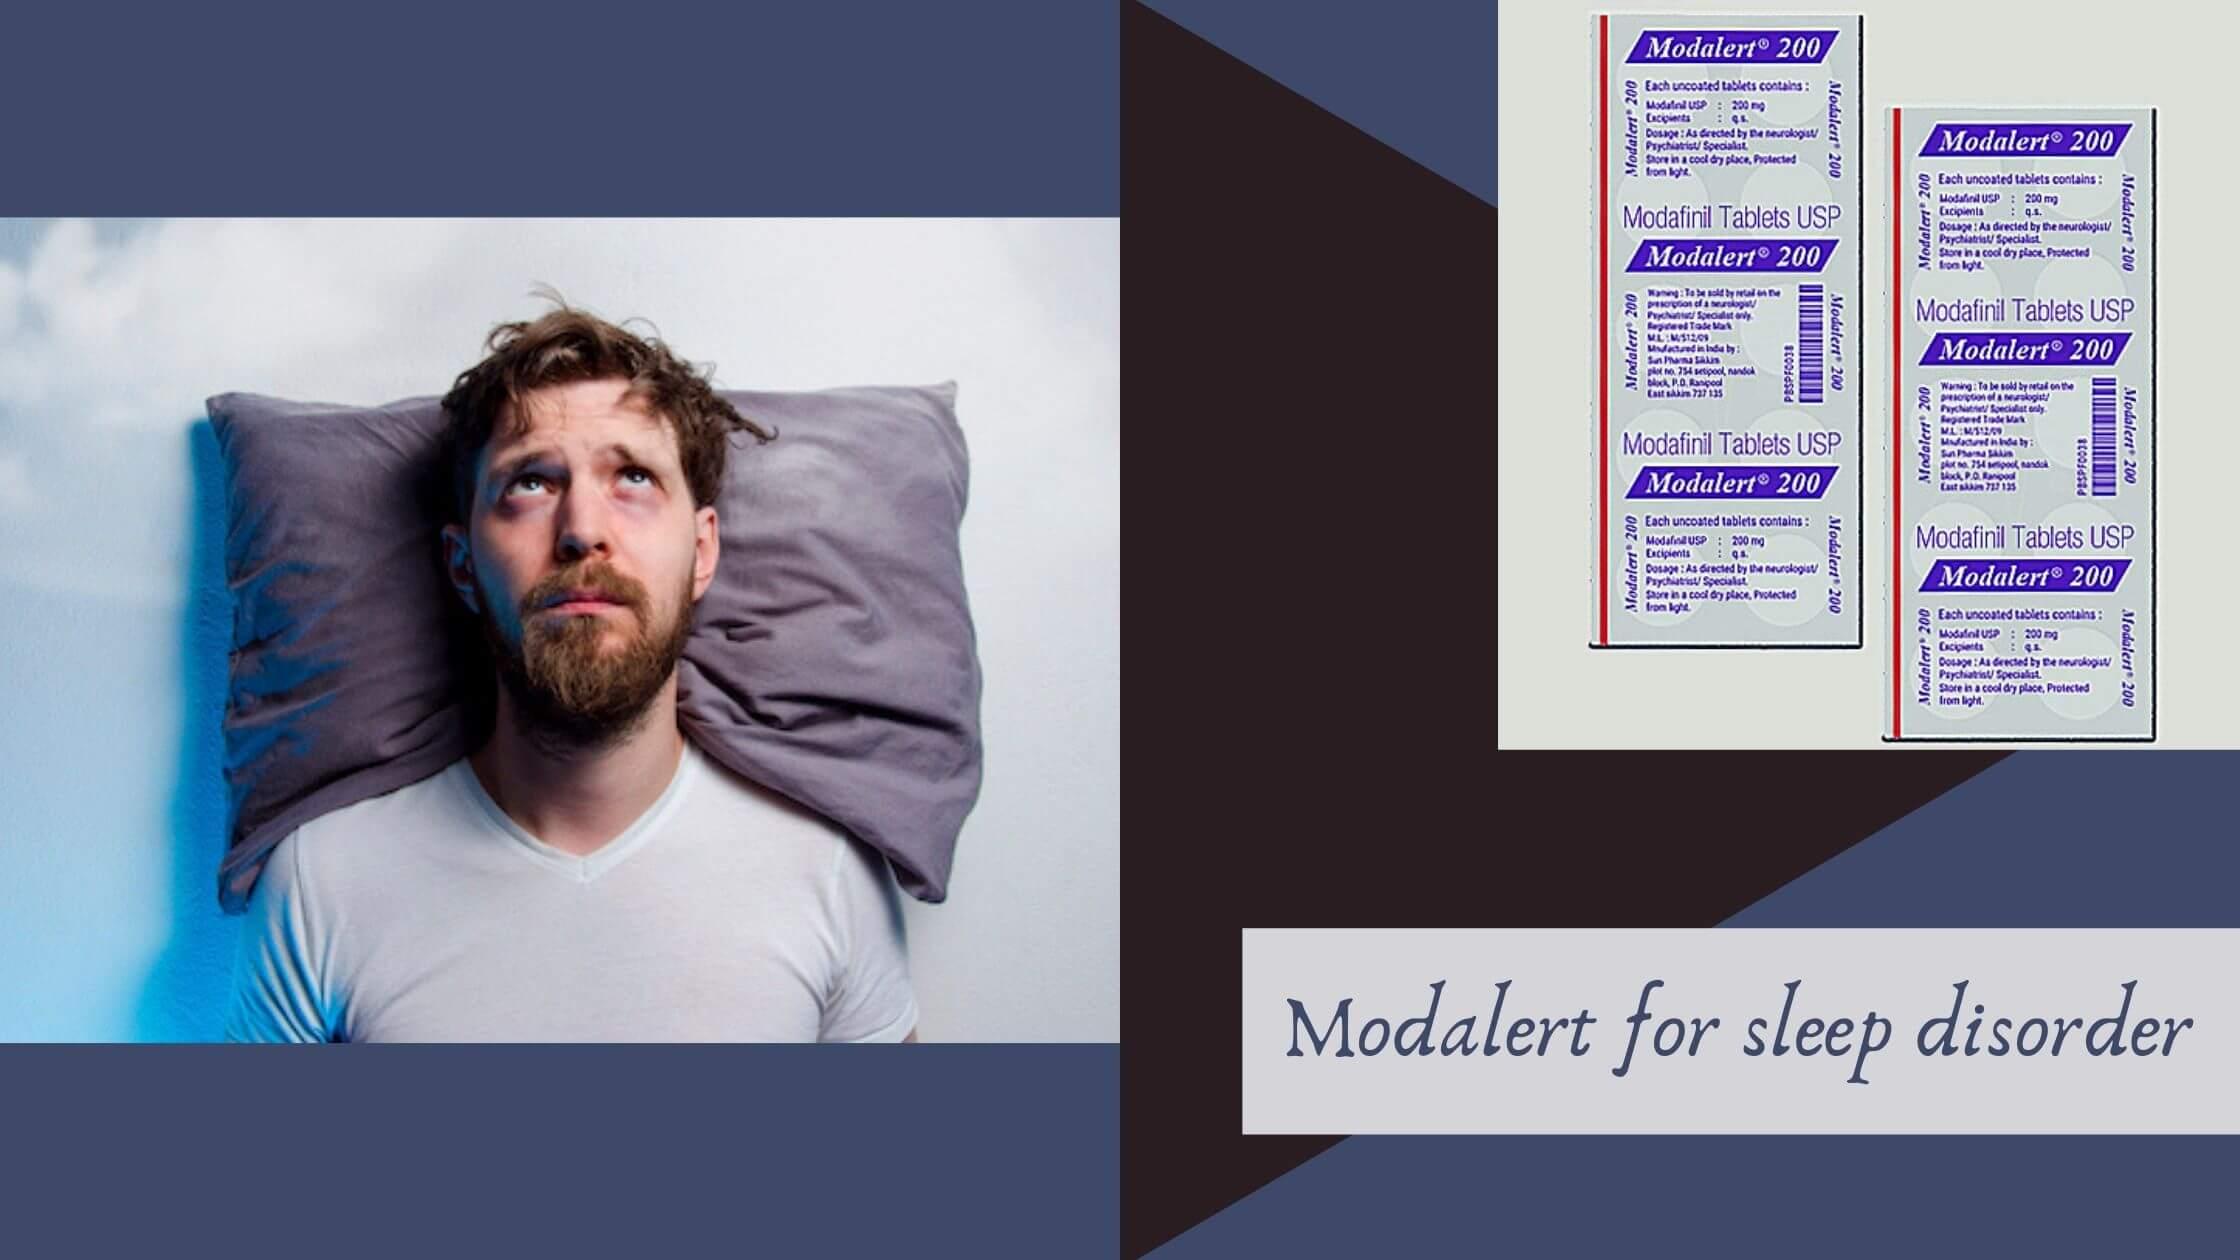 modalert sleep disorder